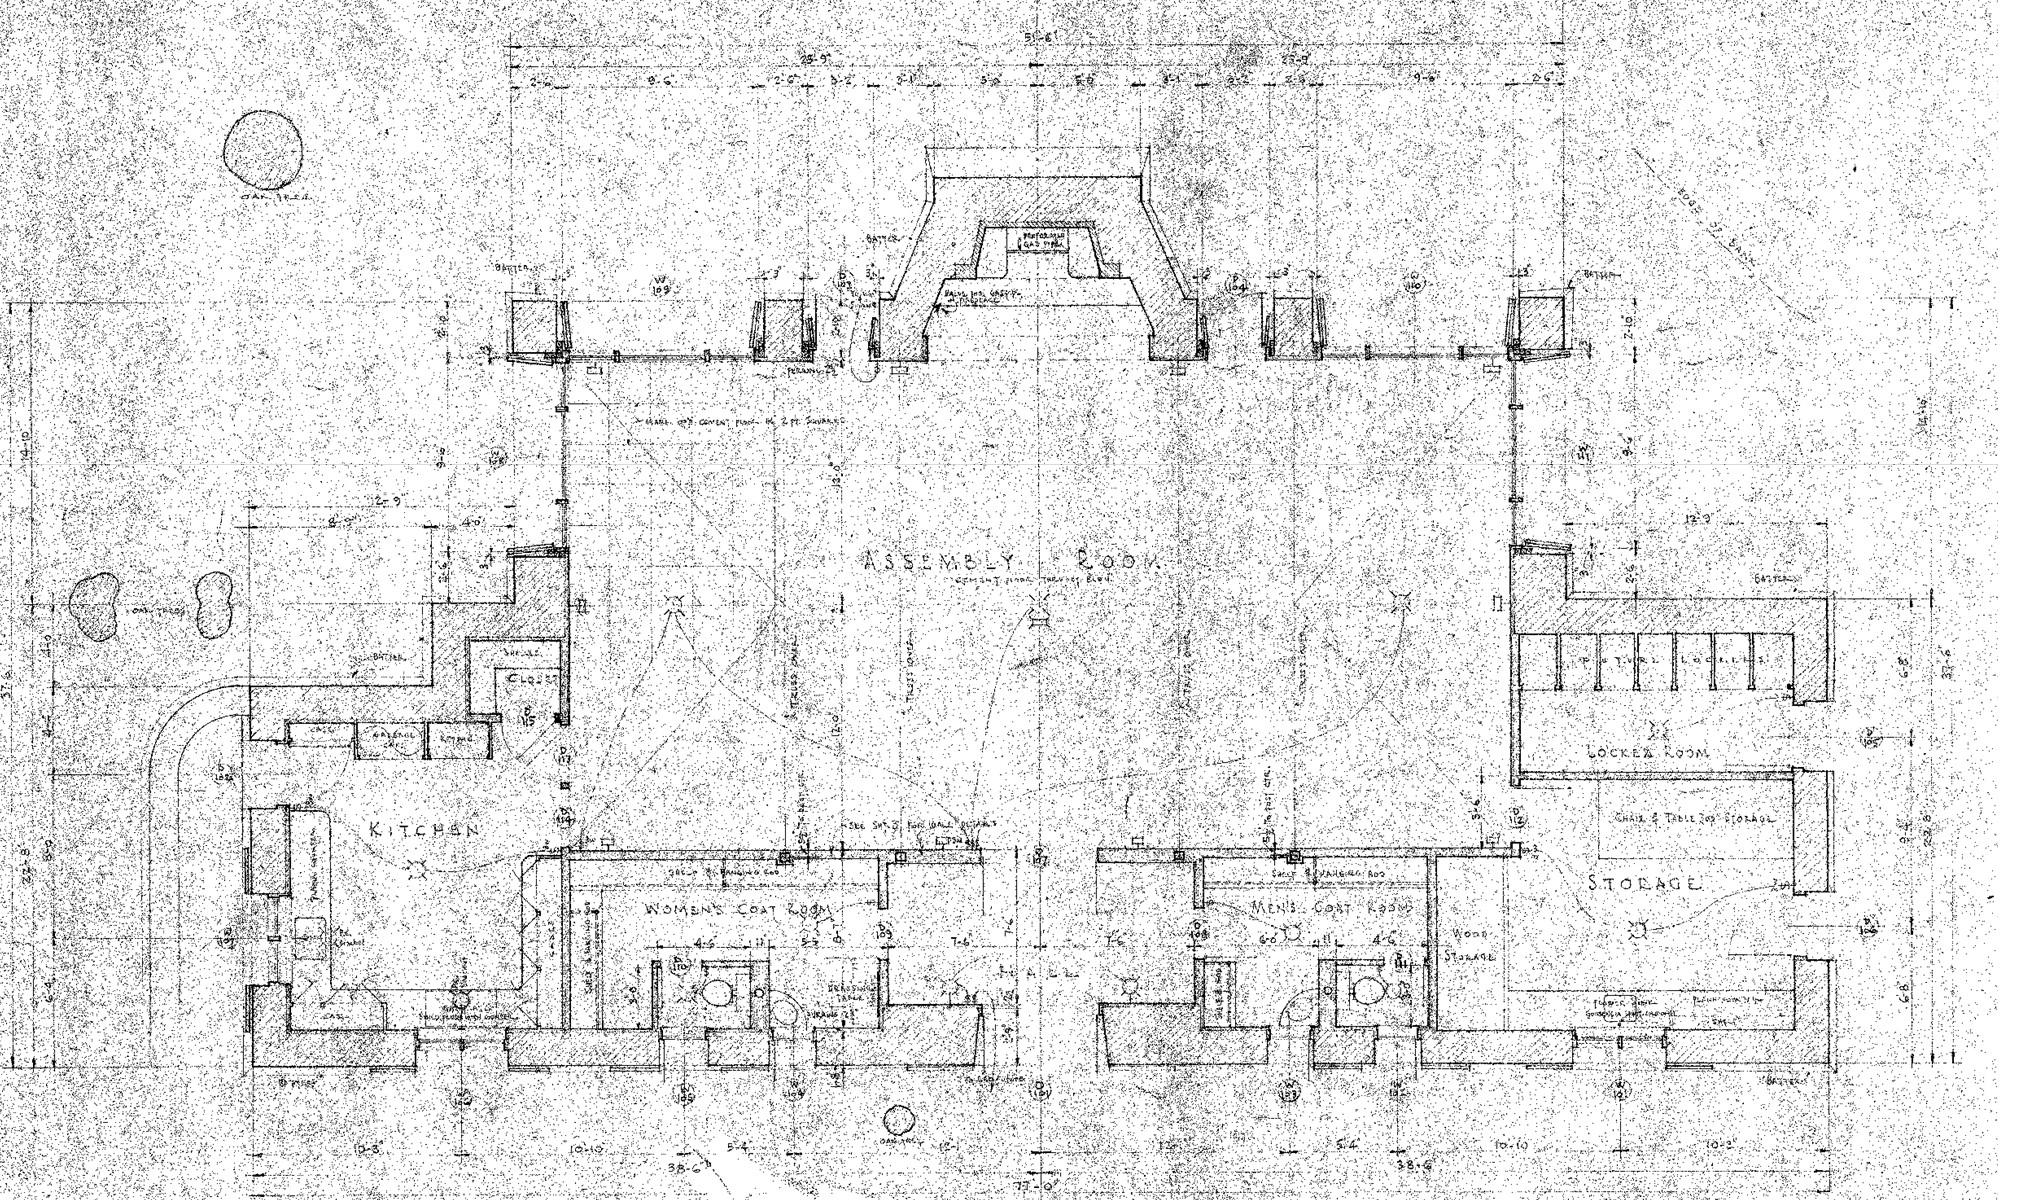 la casita myron plan.jpg